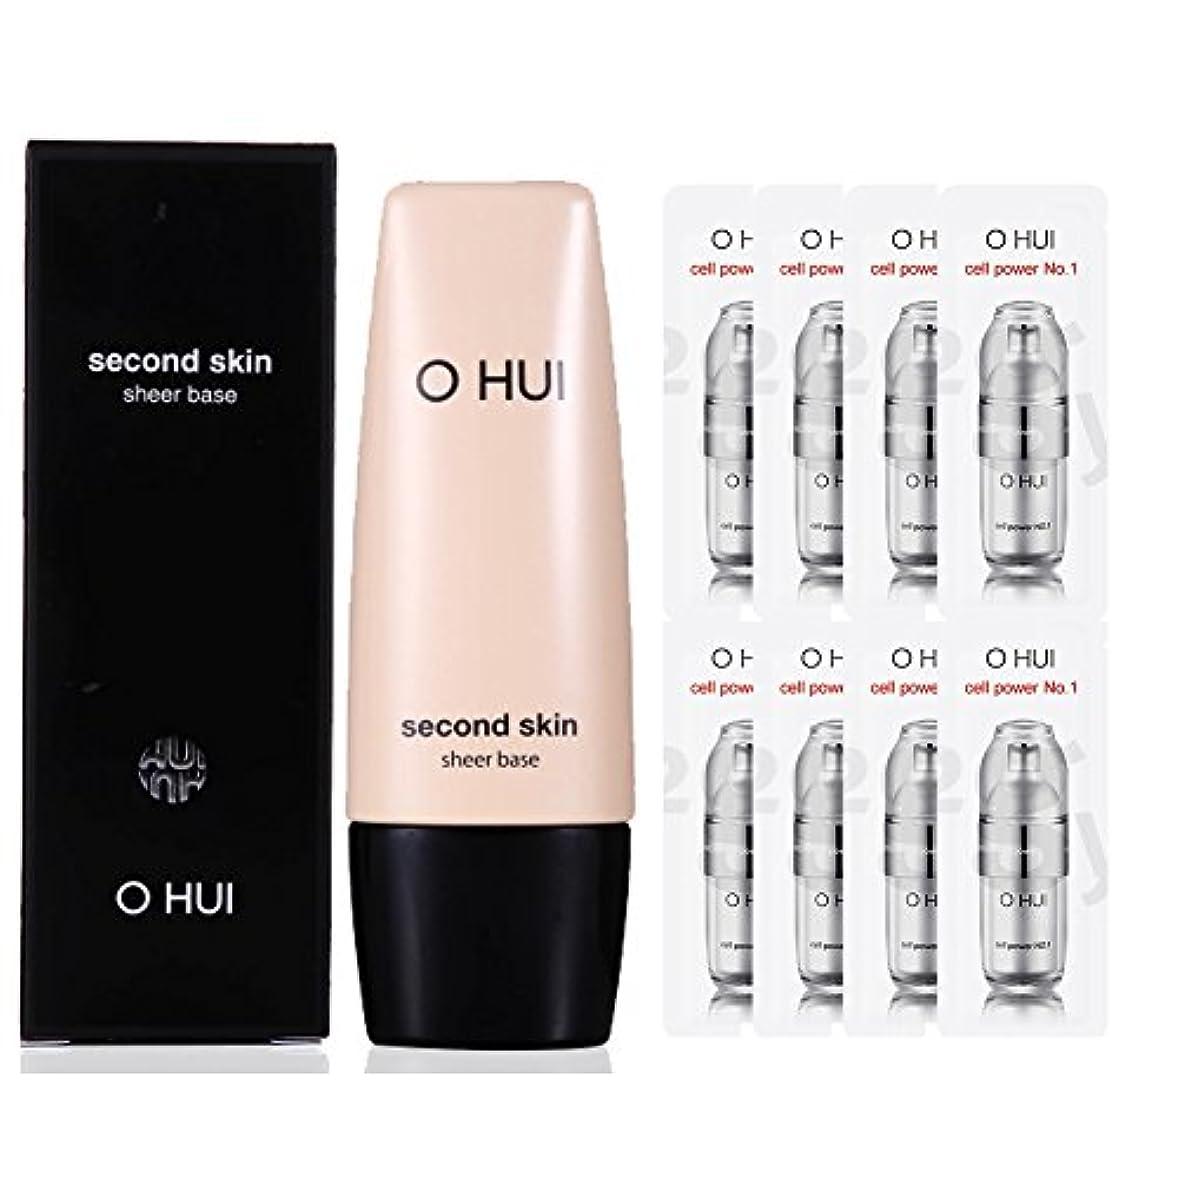 前売変化するぼろOHUI/オフィセカンドスキン シアーベース + 特別の構成 (OHUI SECOND SKIN SHEER BASE Makeup Base +Special Gift set)]【スポットセール】[海外直送品]